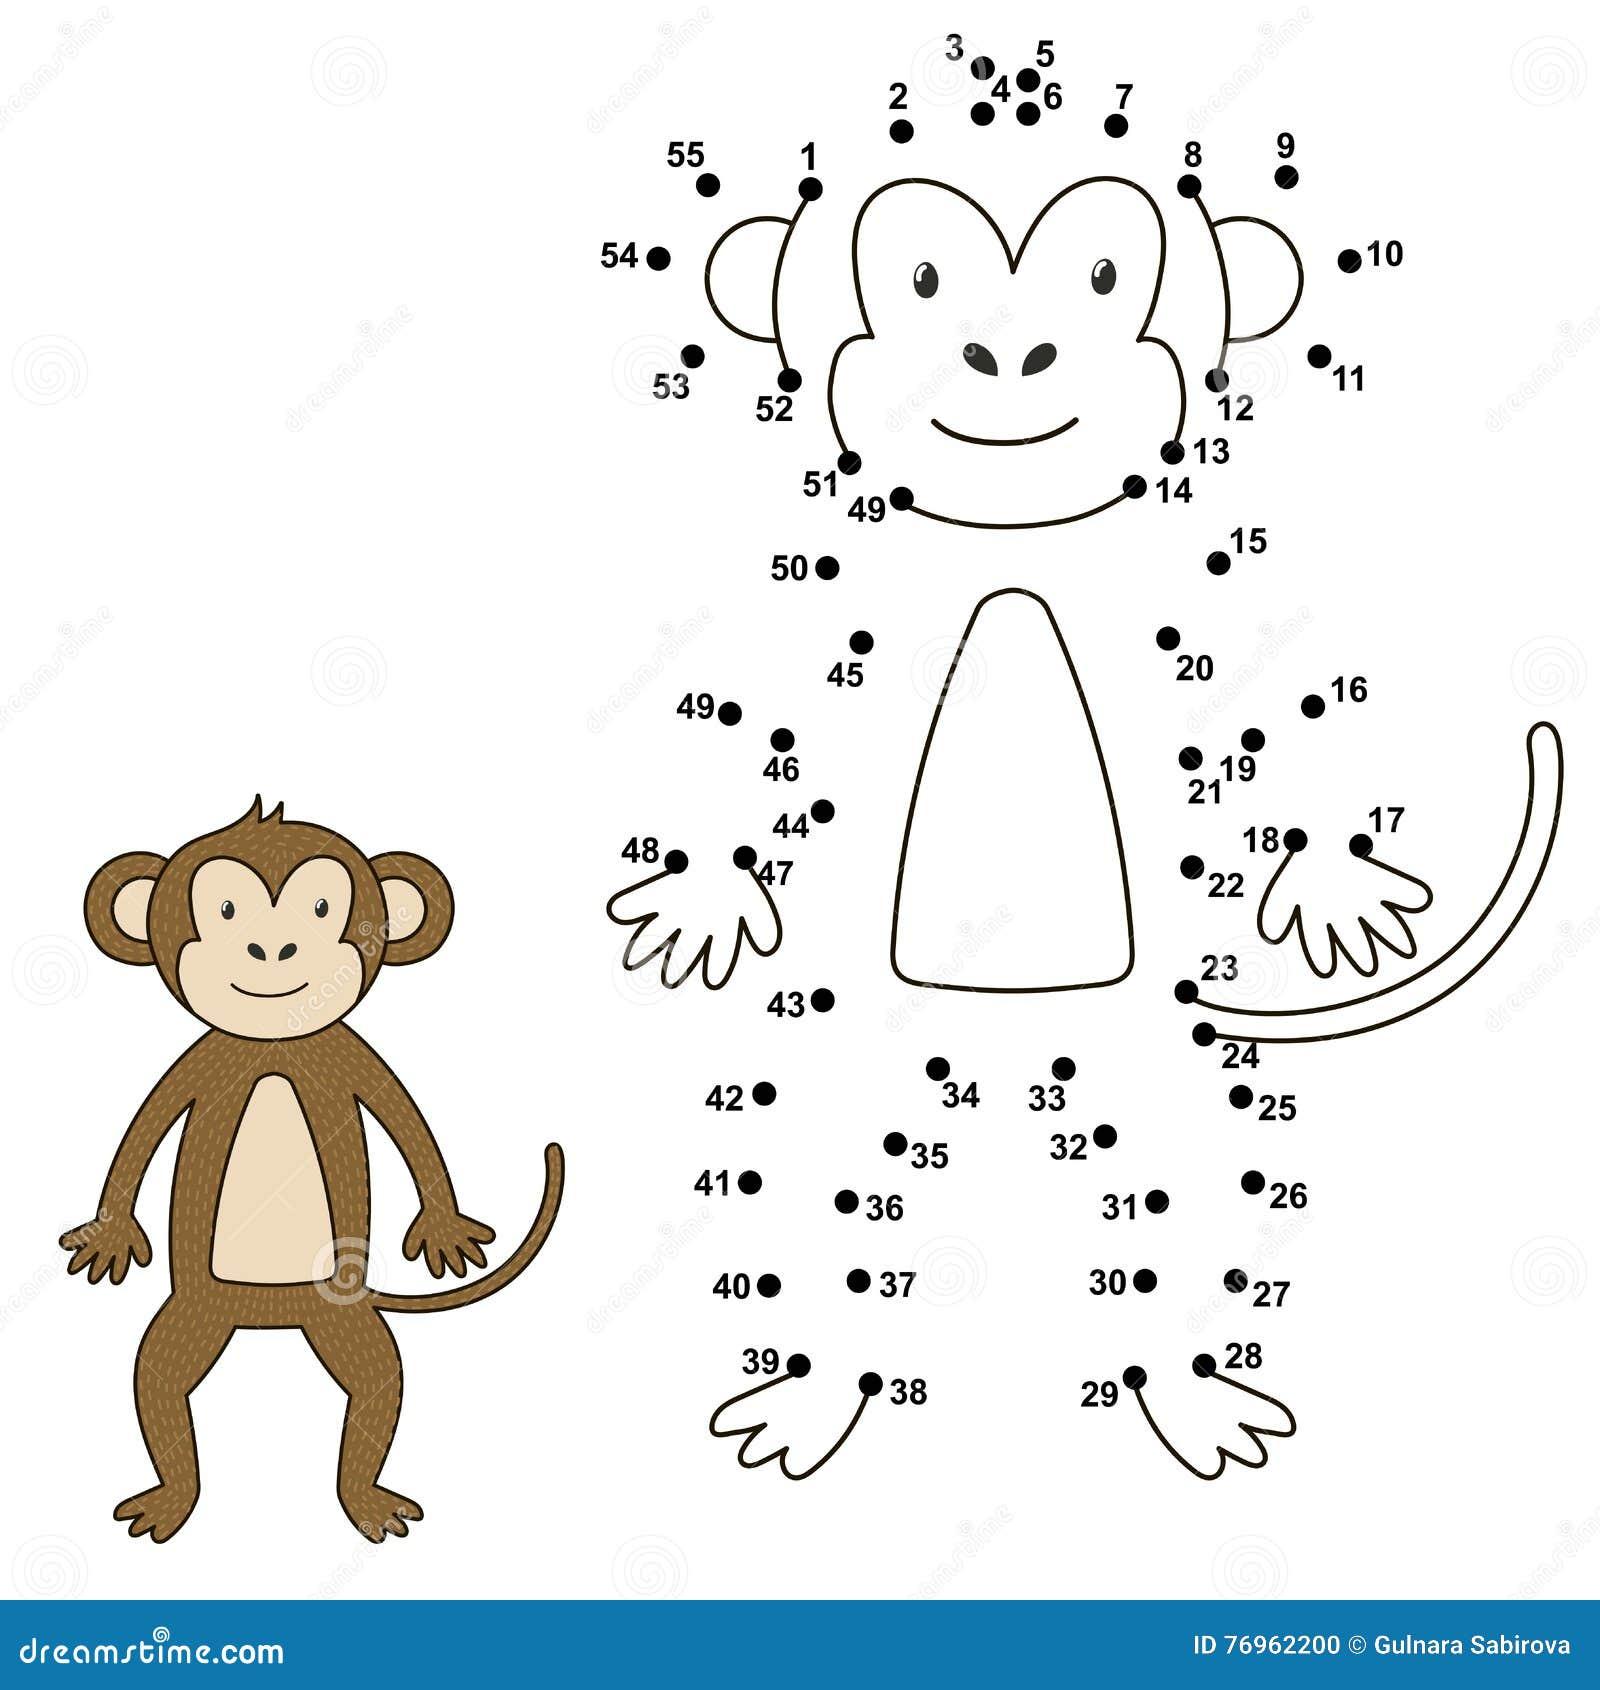 Colleghi i punti per disegnare la scimmia sveglia e per colorarlo